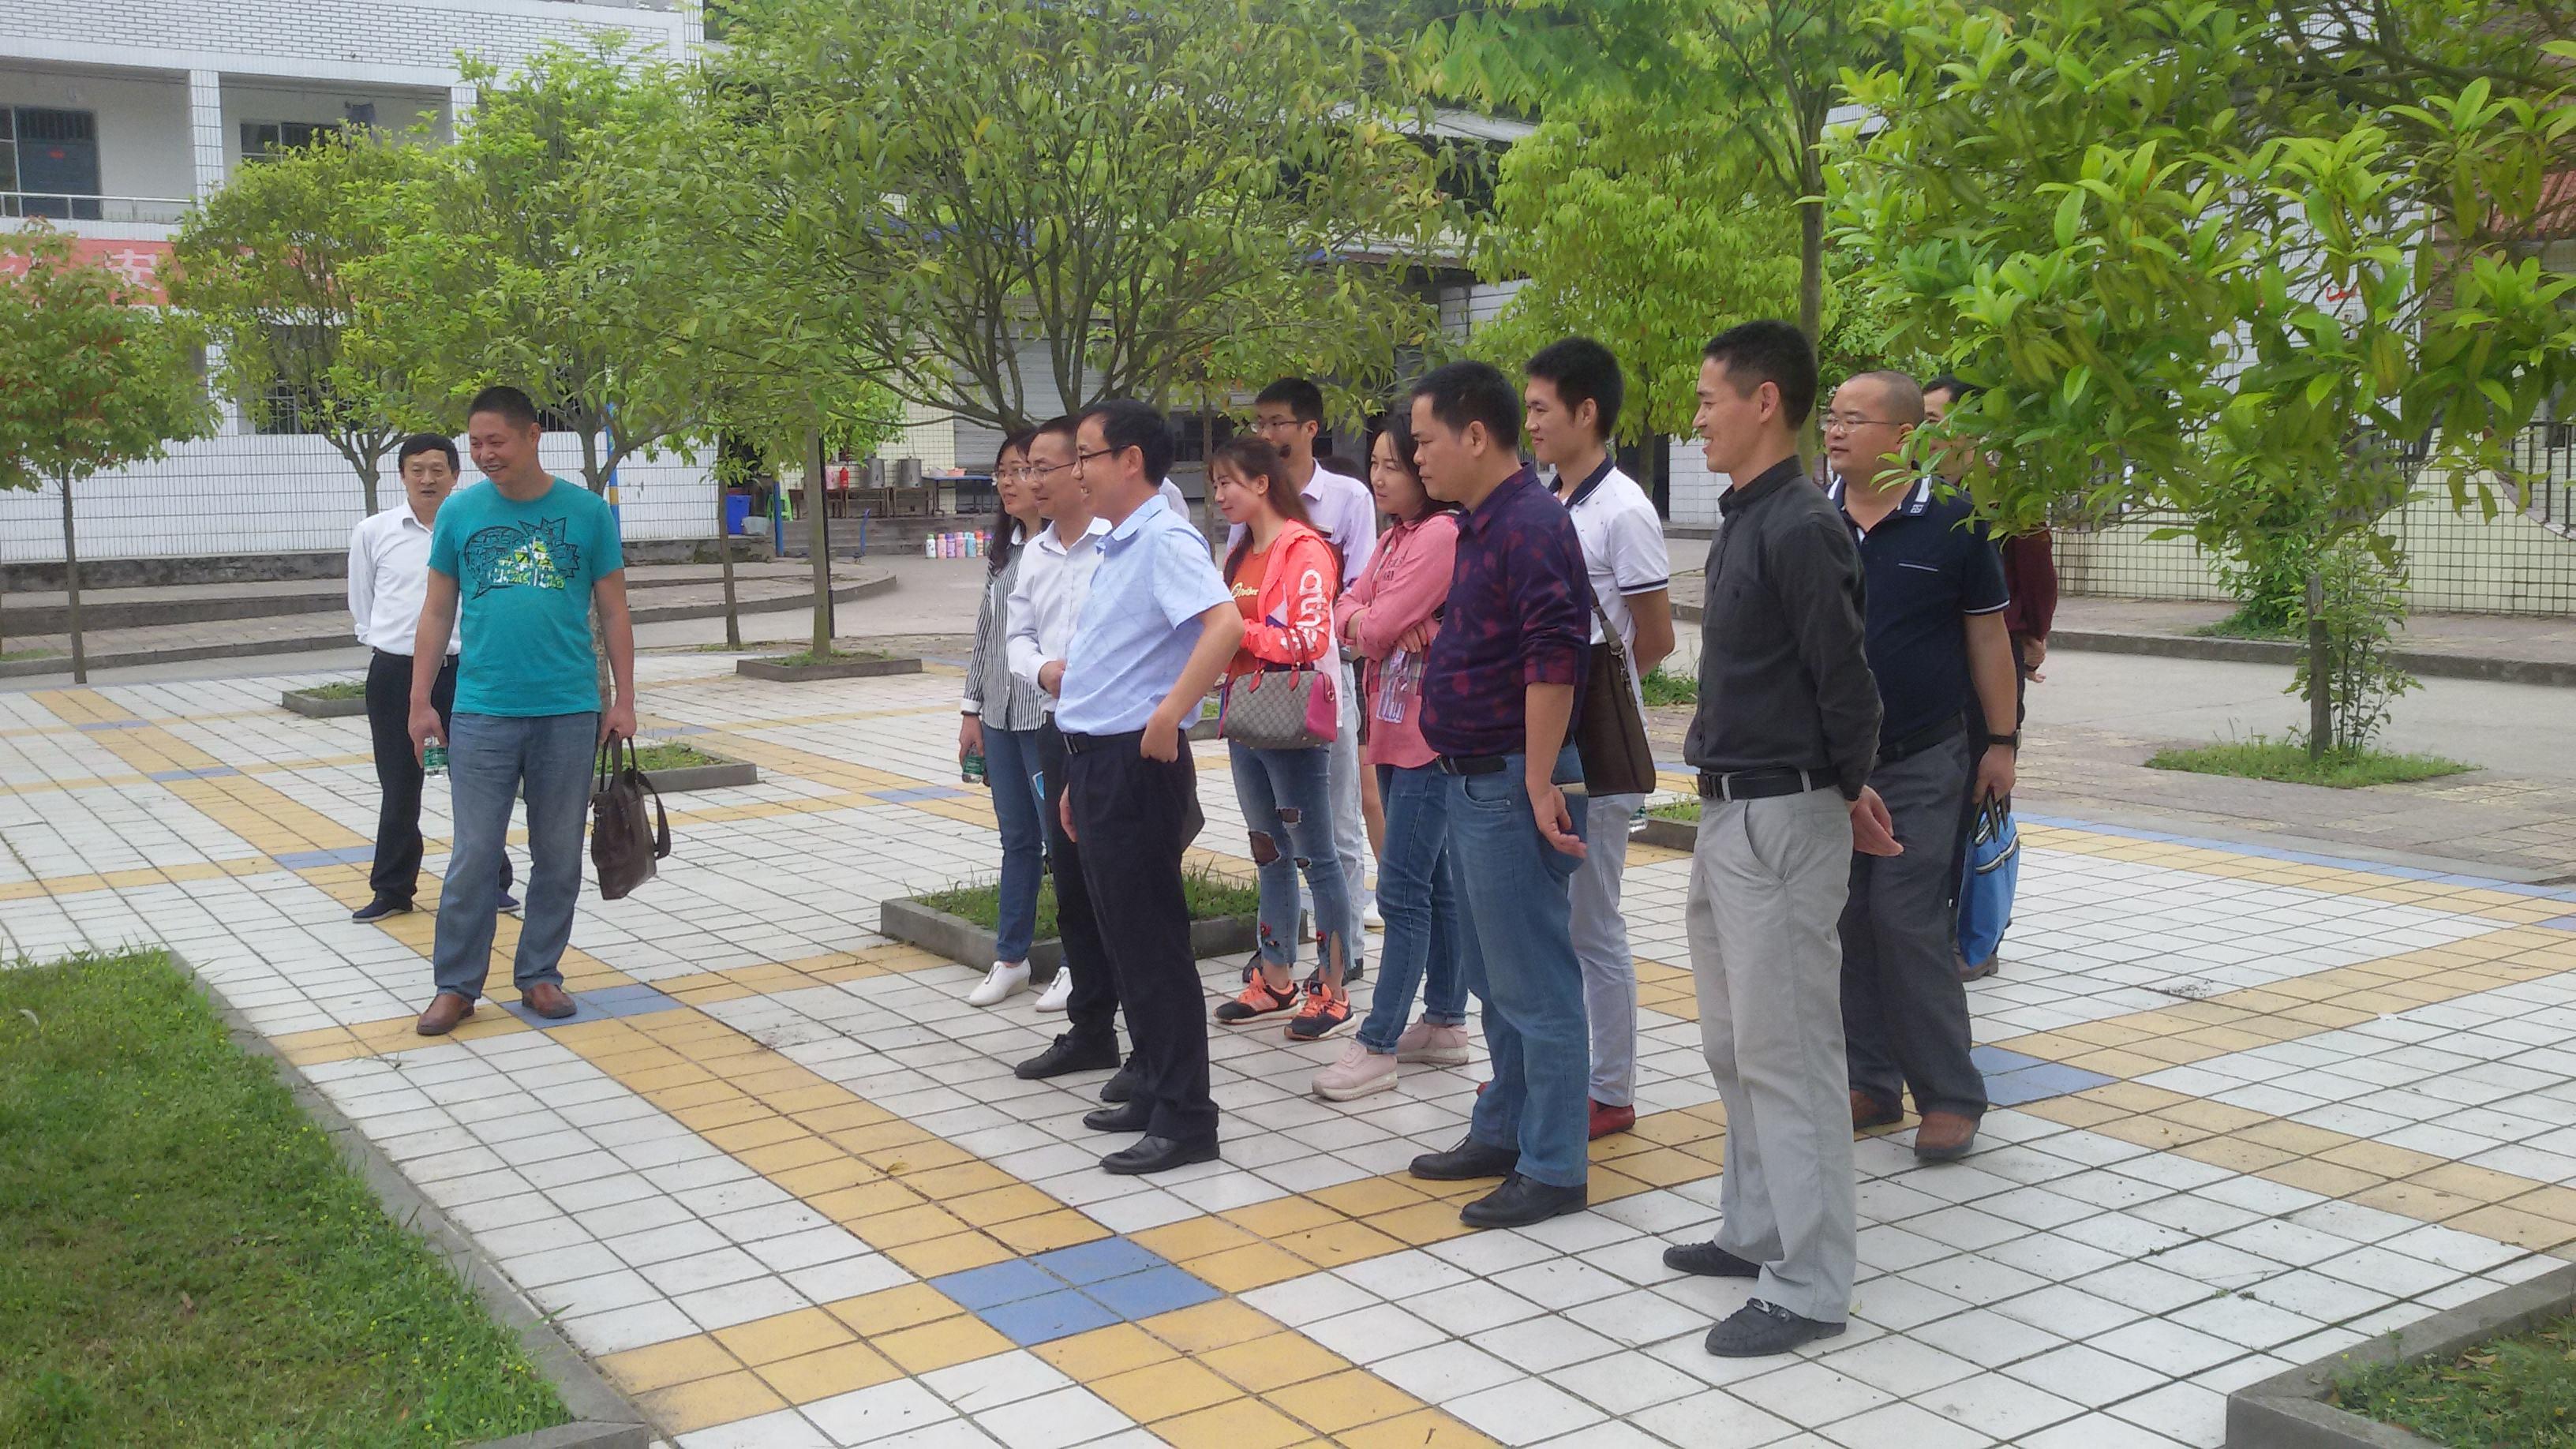 四川省宣汉职业中专学校宿舍条件怎么样?